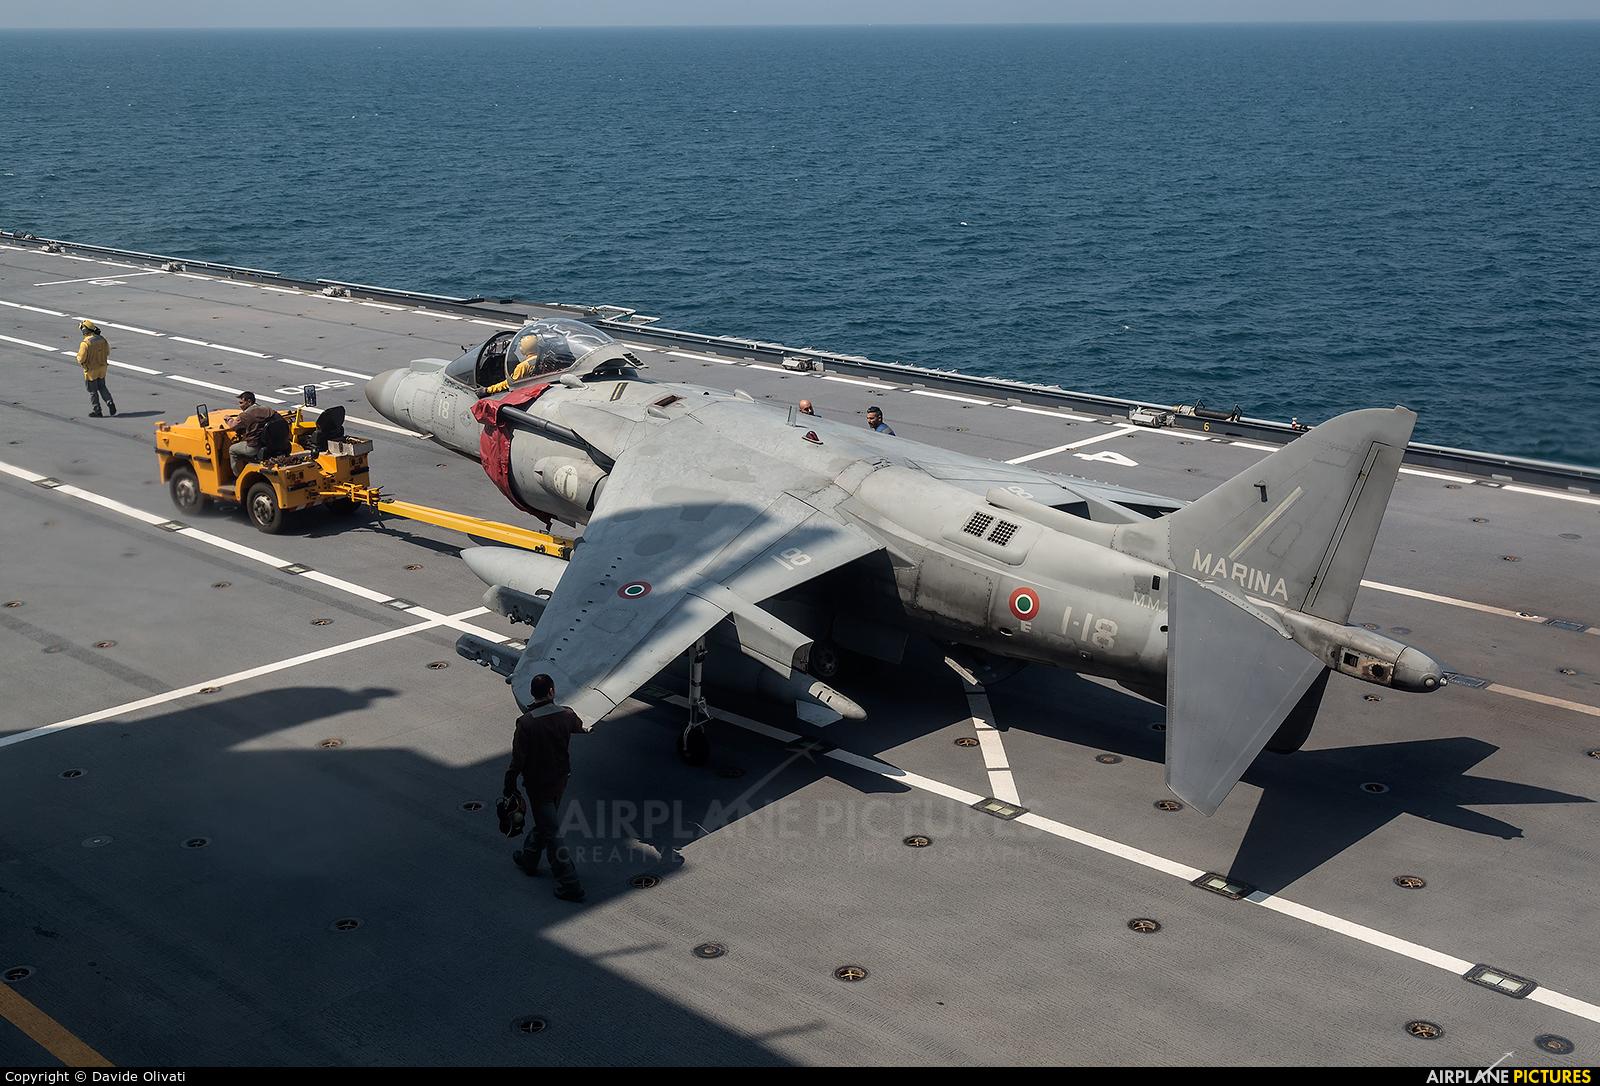 Italy - Navy MM7223 aircraft at Off Airport - Italy